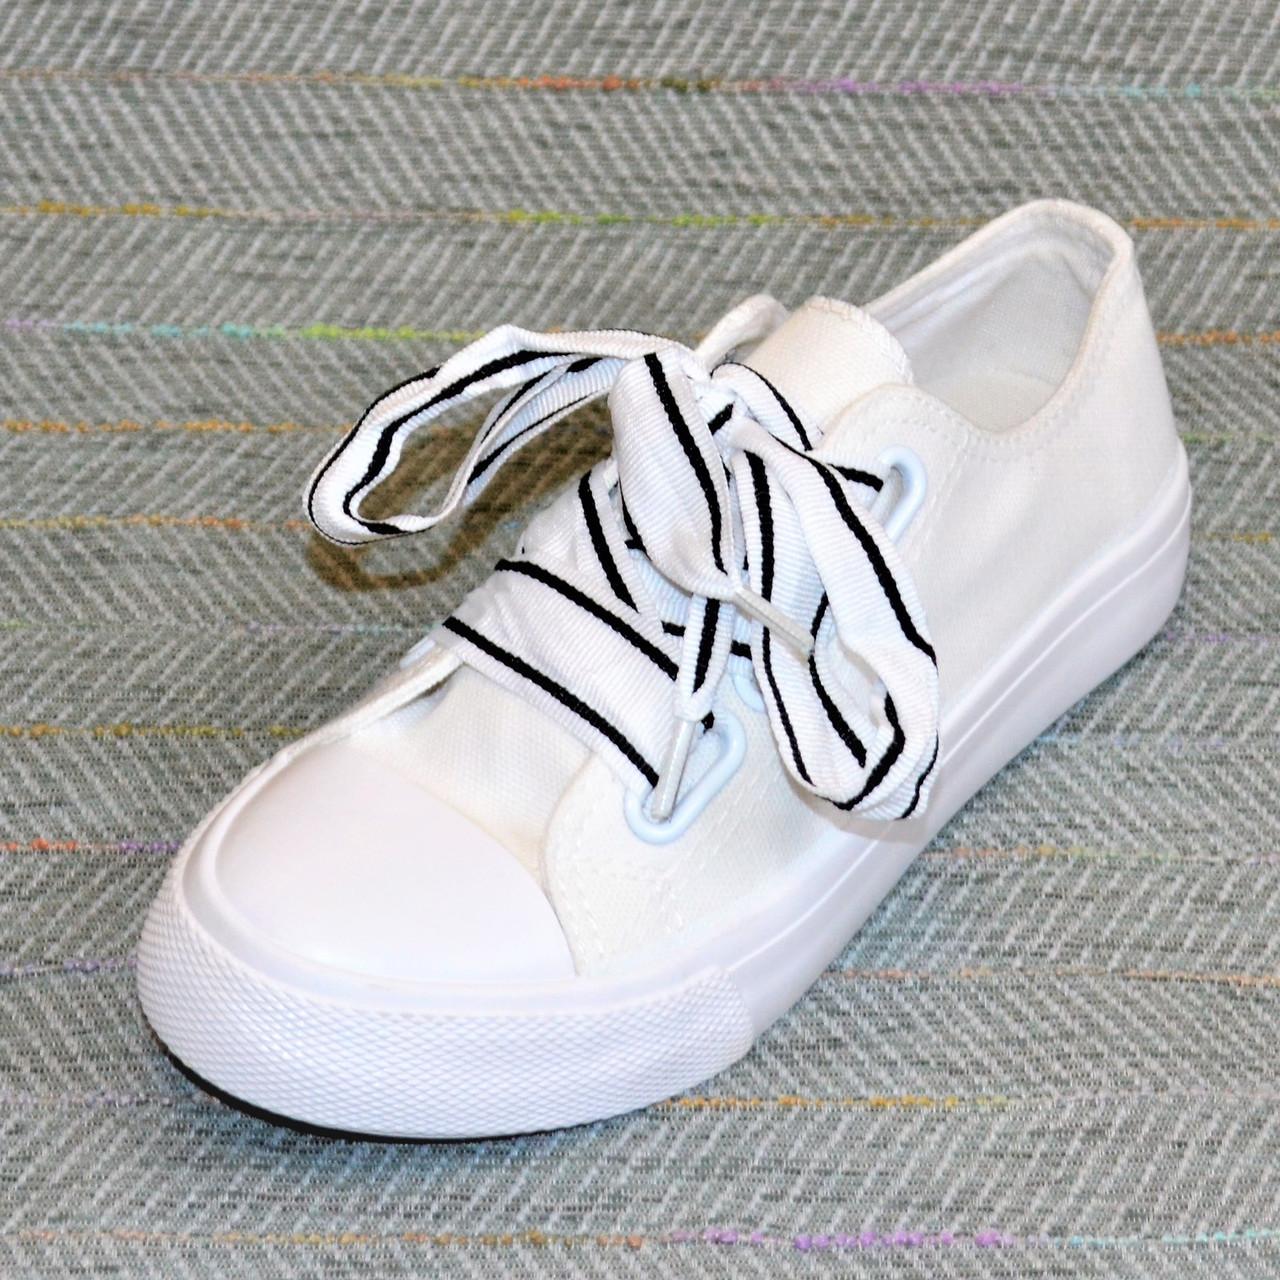 Кеди з широкими шнурками, білі розмір 36-22,5 см